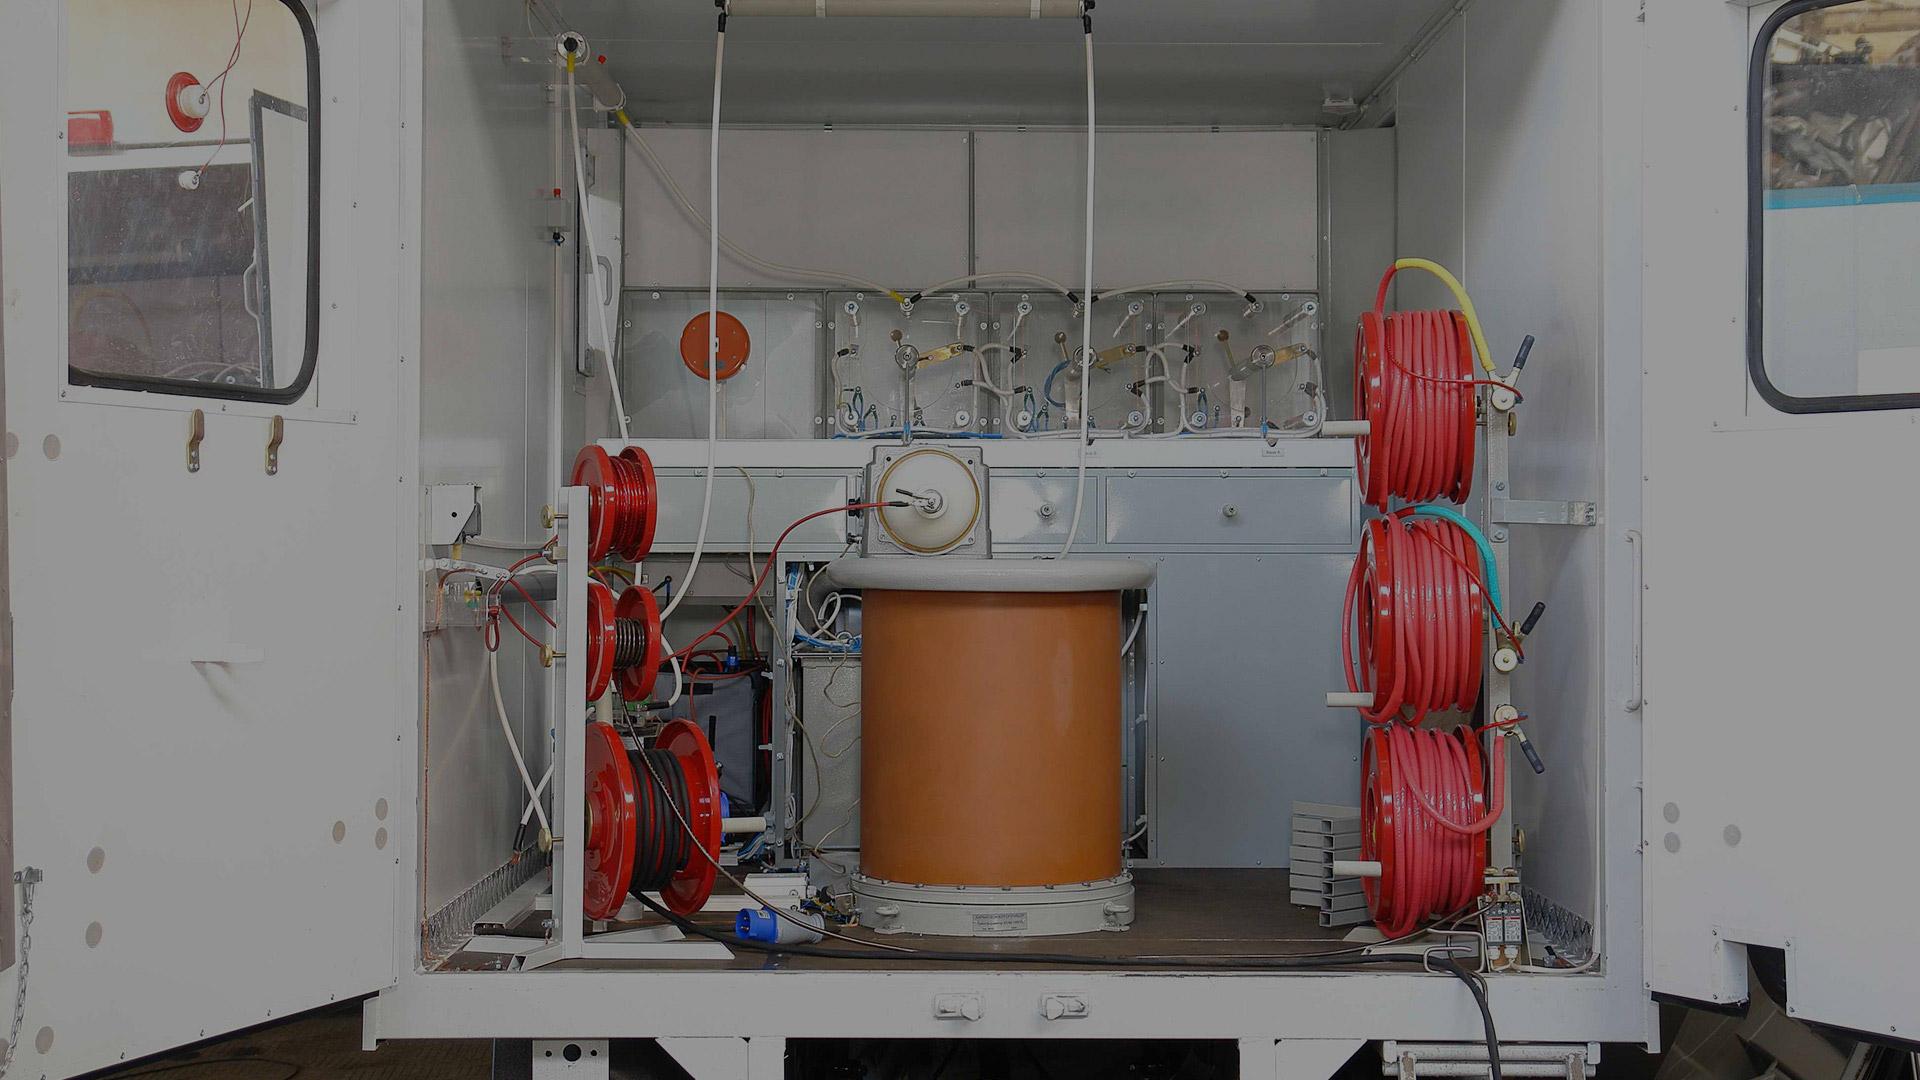 etl-lab-60